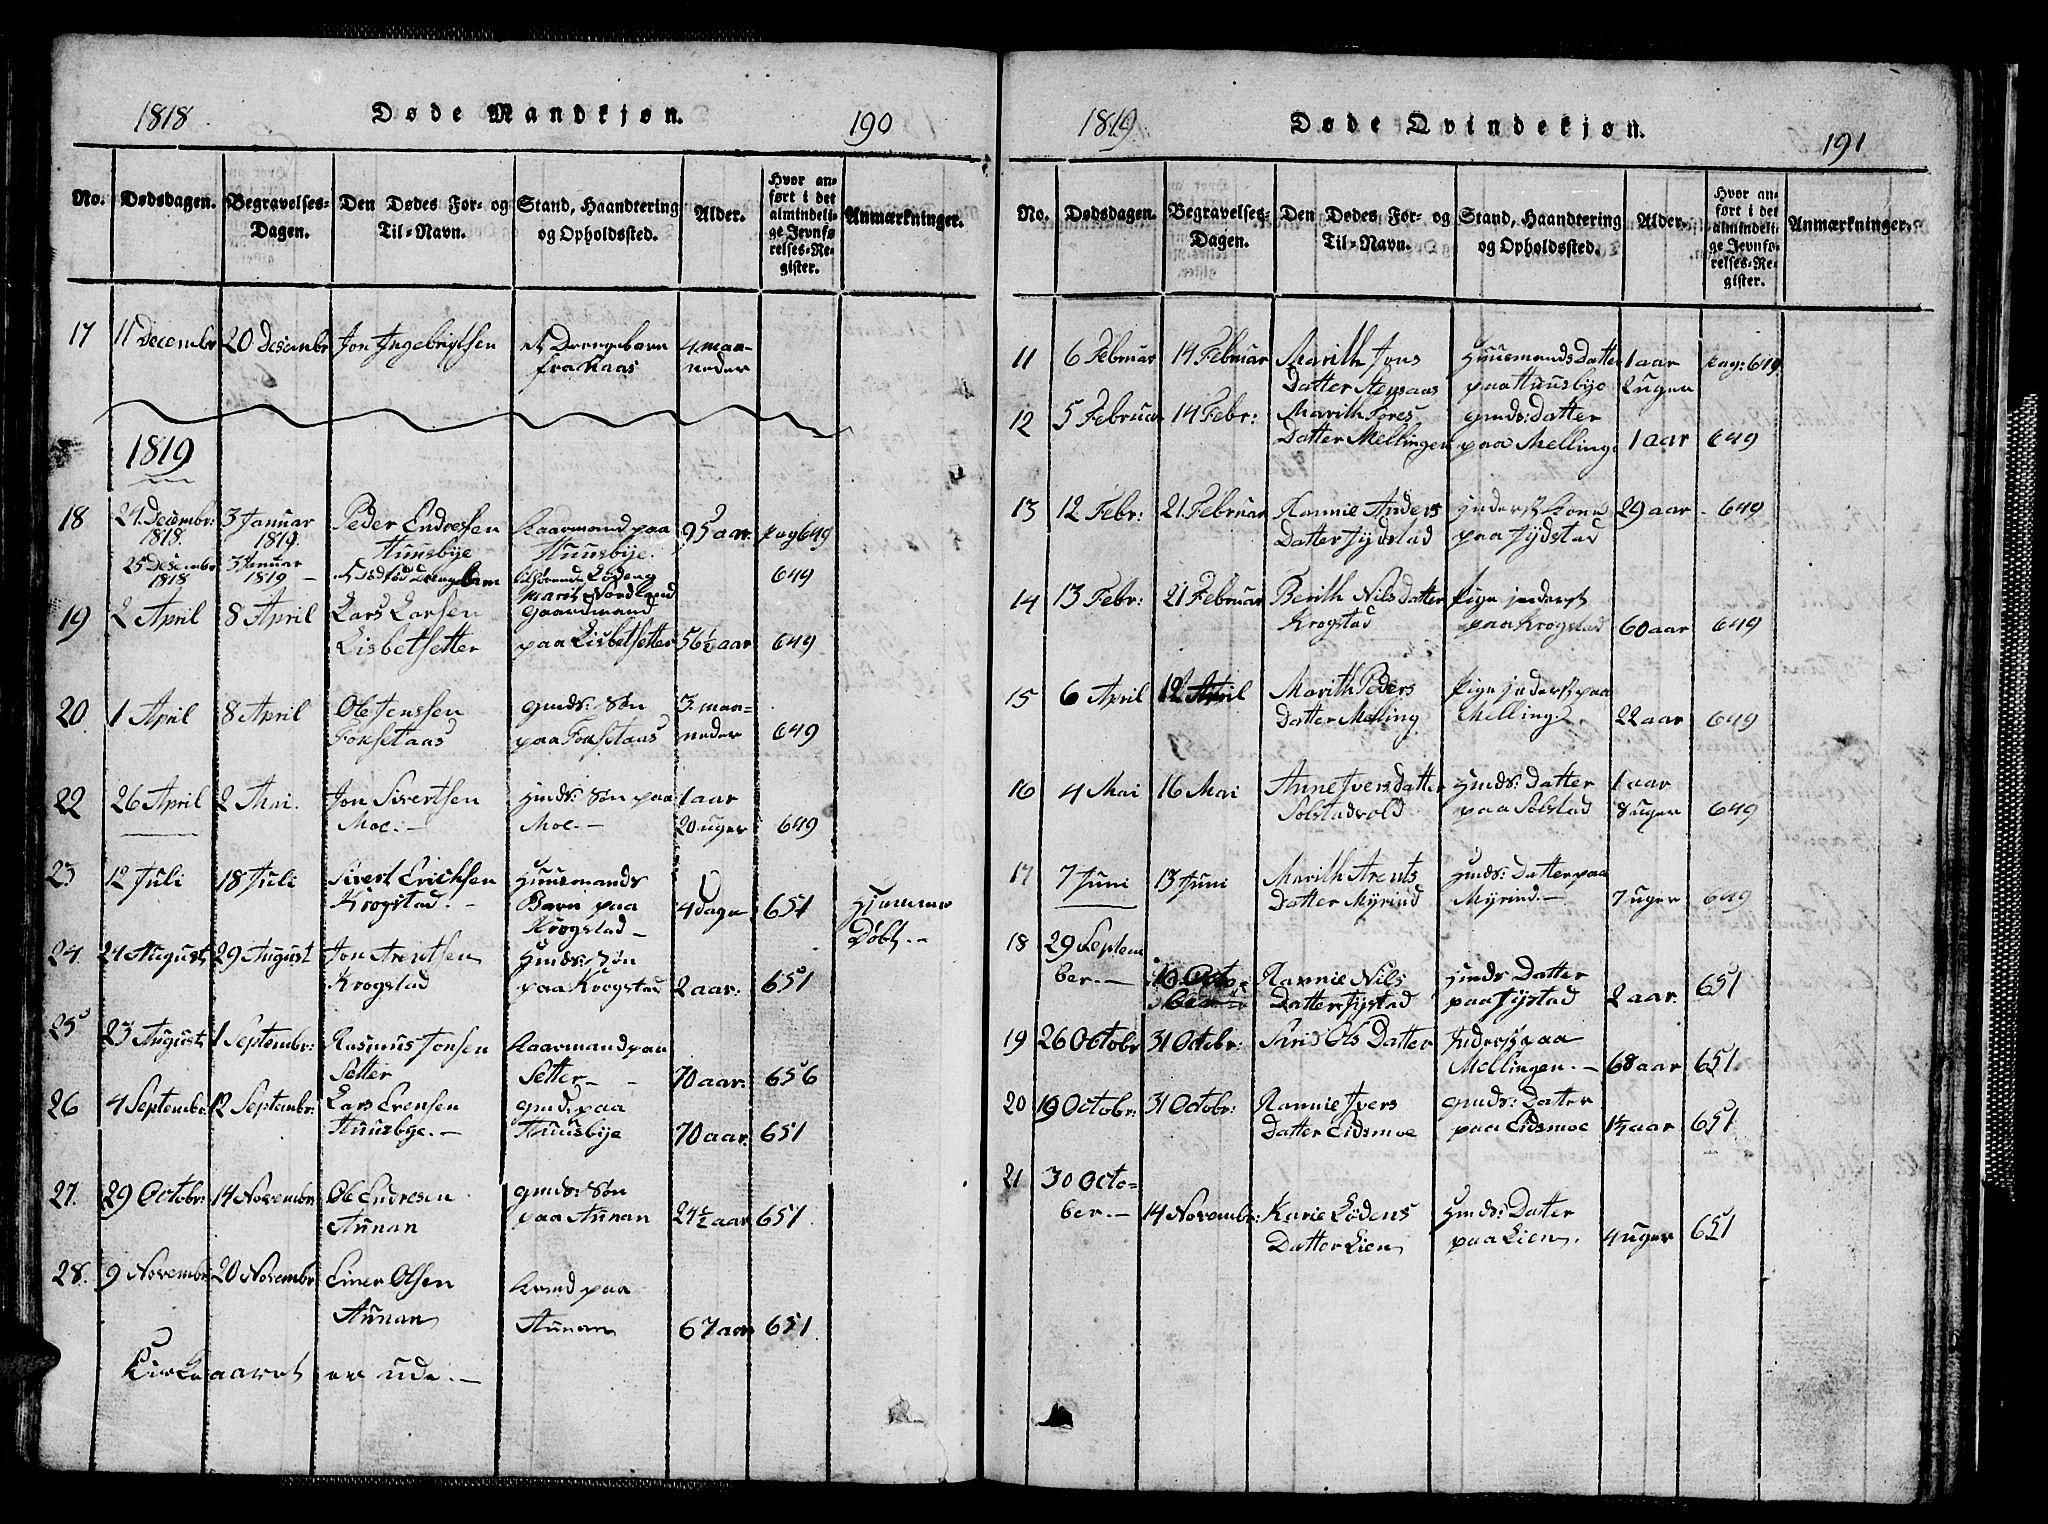 SAT, Ministerialprotokoller, klokkerbøker og fødselsregistre - Sør-Trøndelag, 667/L0796: Klokkerbok nr. 667C01, 1817-1836, s. 190-191